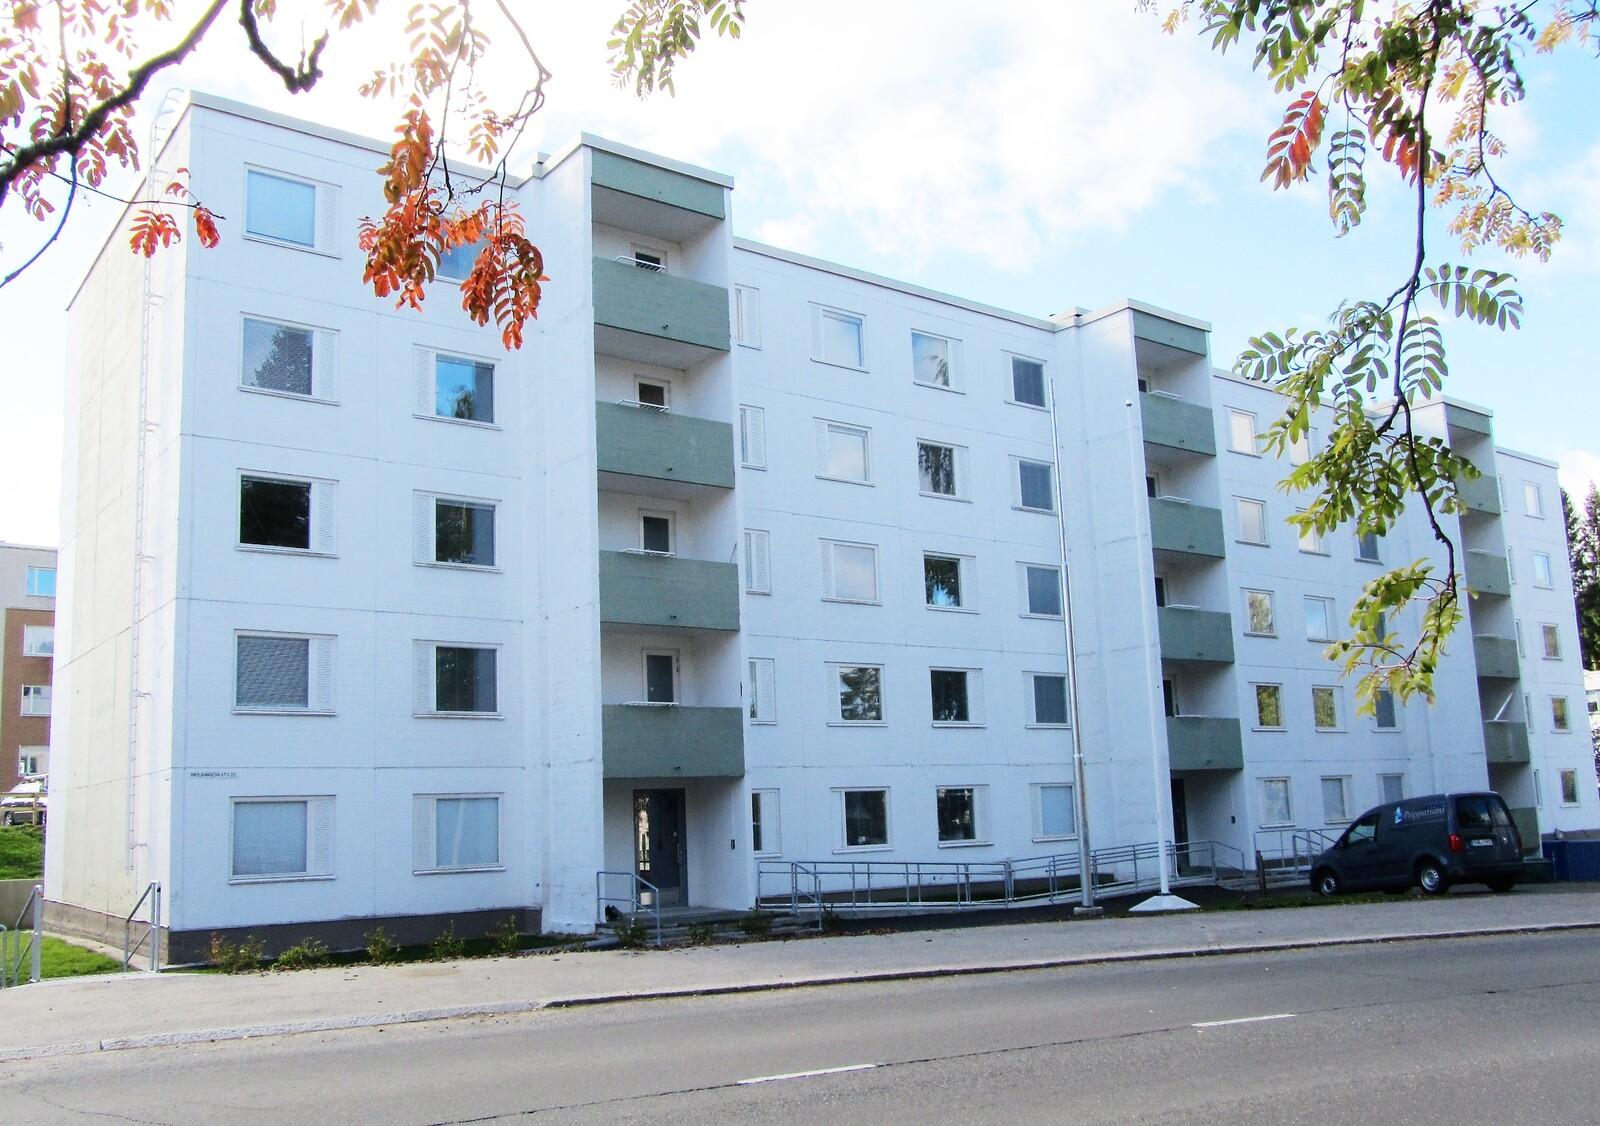 Inkilänmäki, Kuopio